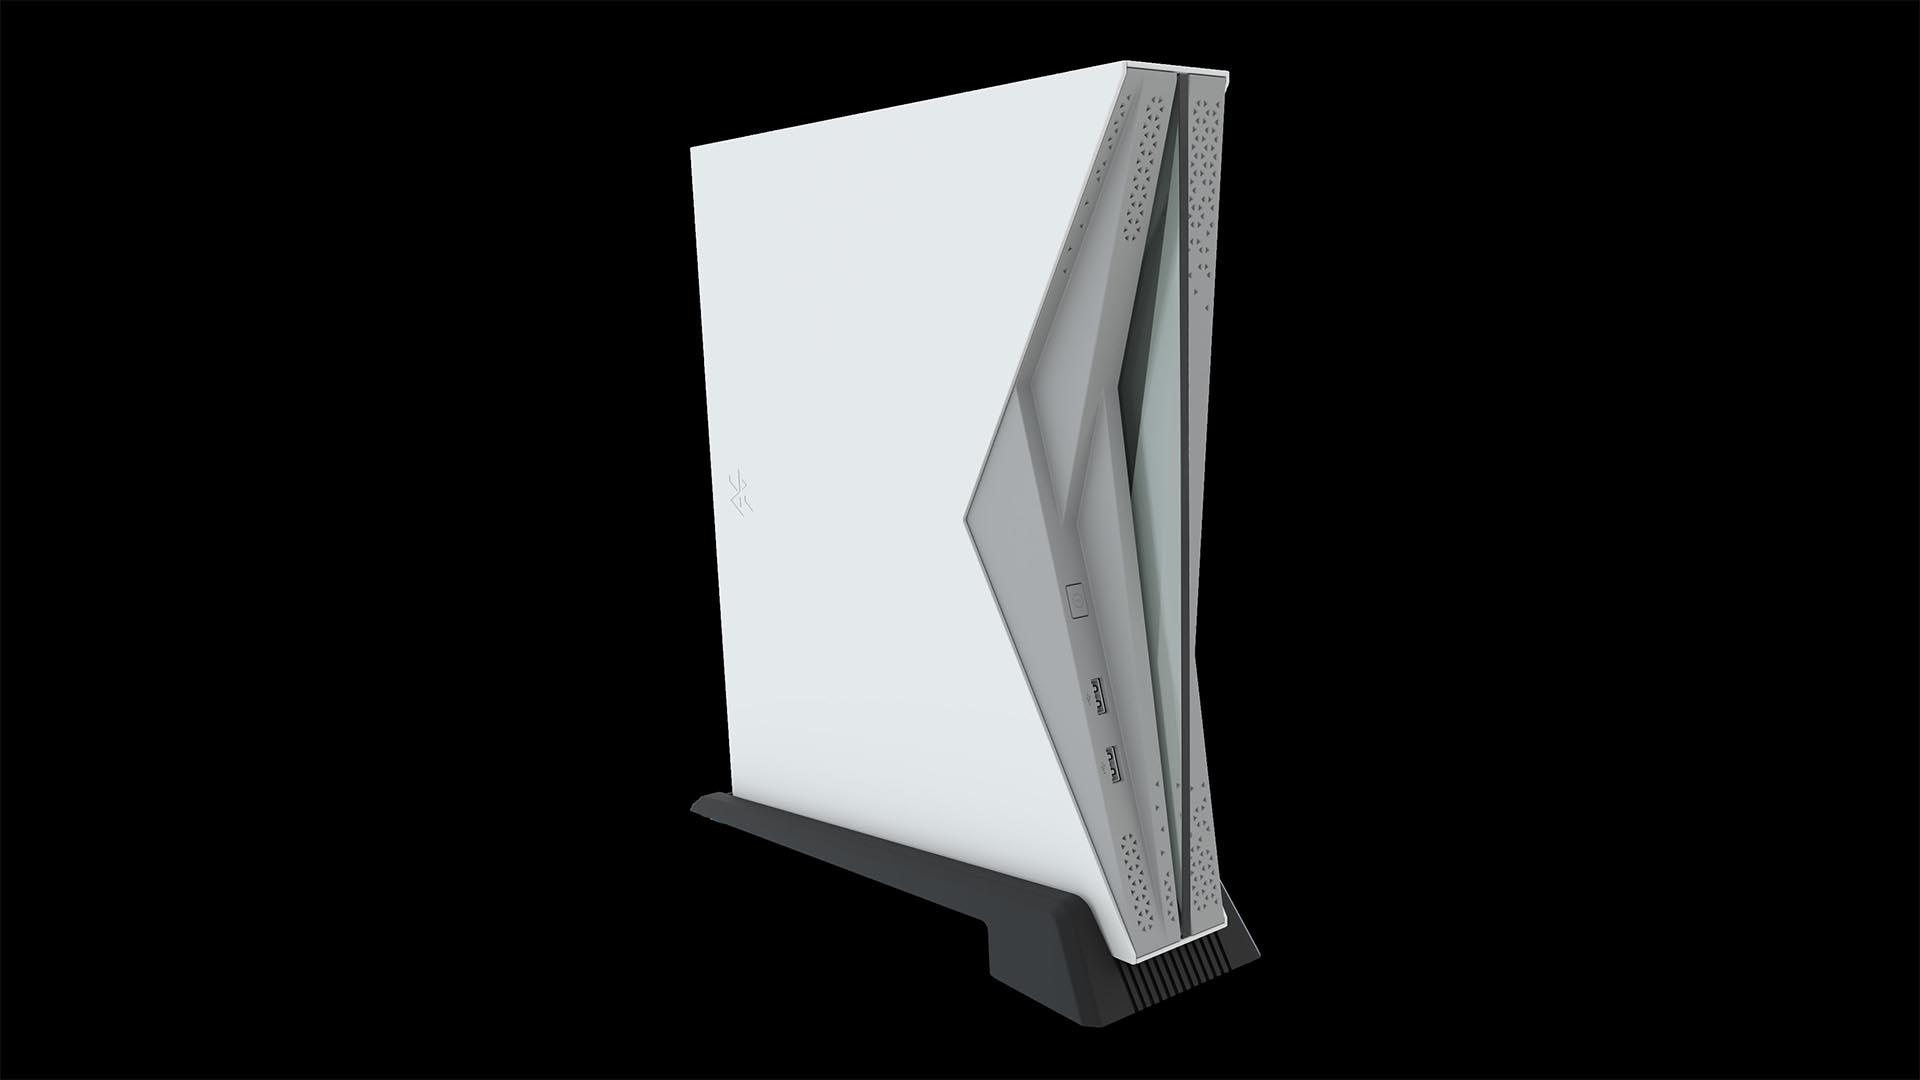 Eight-core AMD Ryzen CPU rumoured to power Sony's upcoming PS5